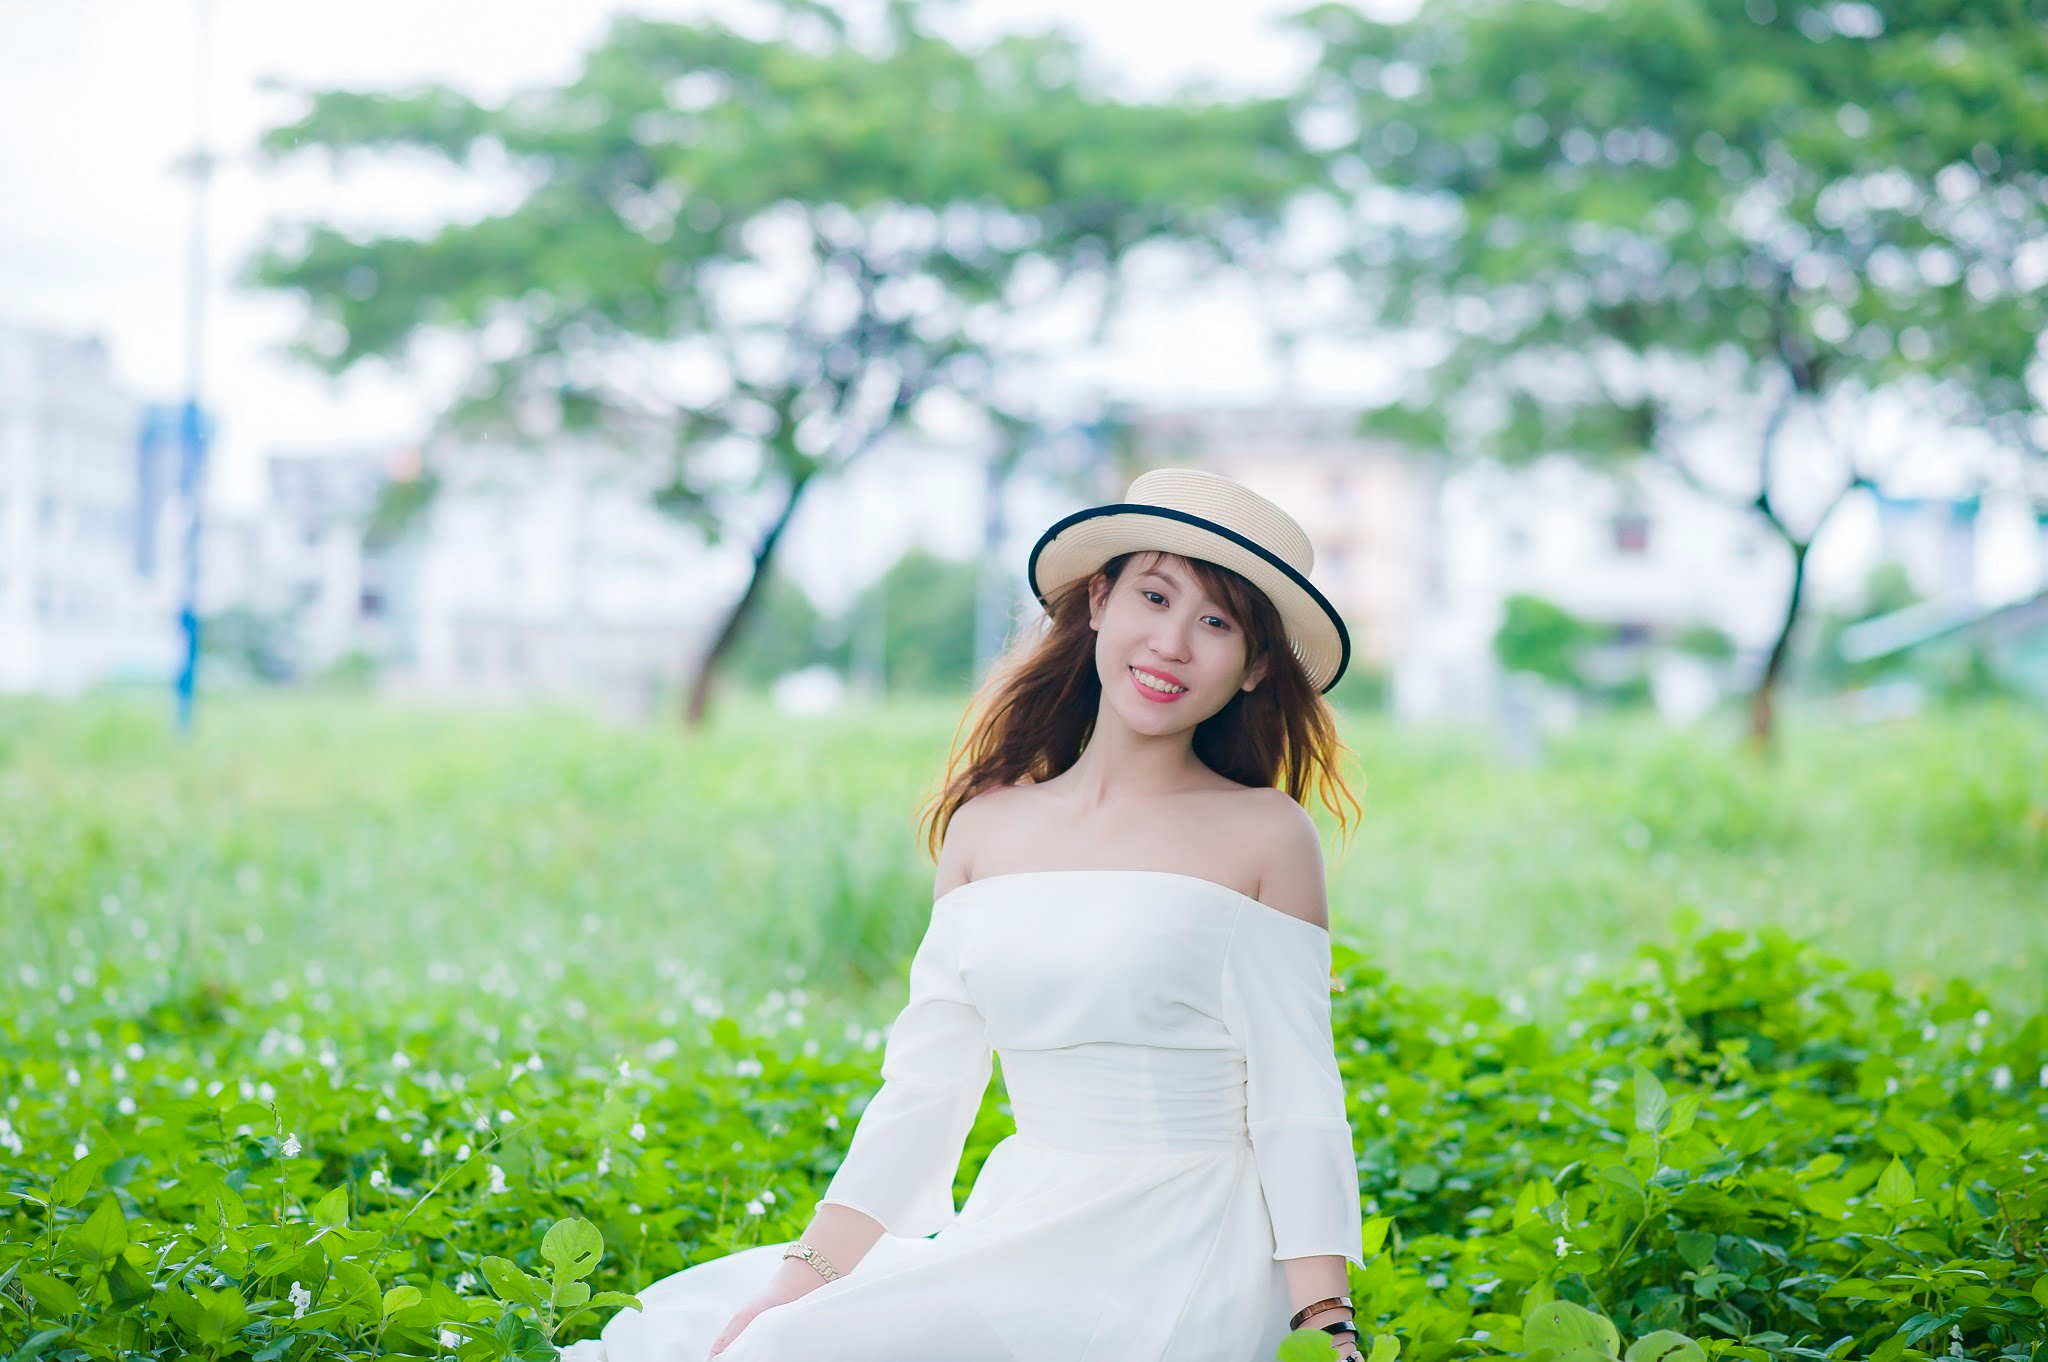 FB be dinh4 - Ảnh chụp với cỏ lau Đảo Kim Cương, Quận 2